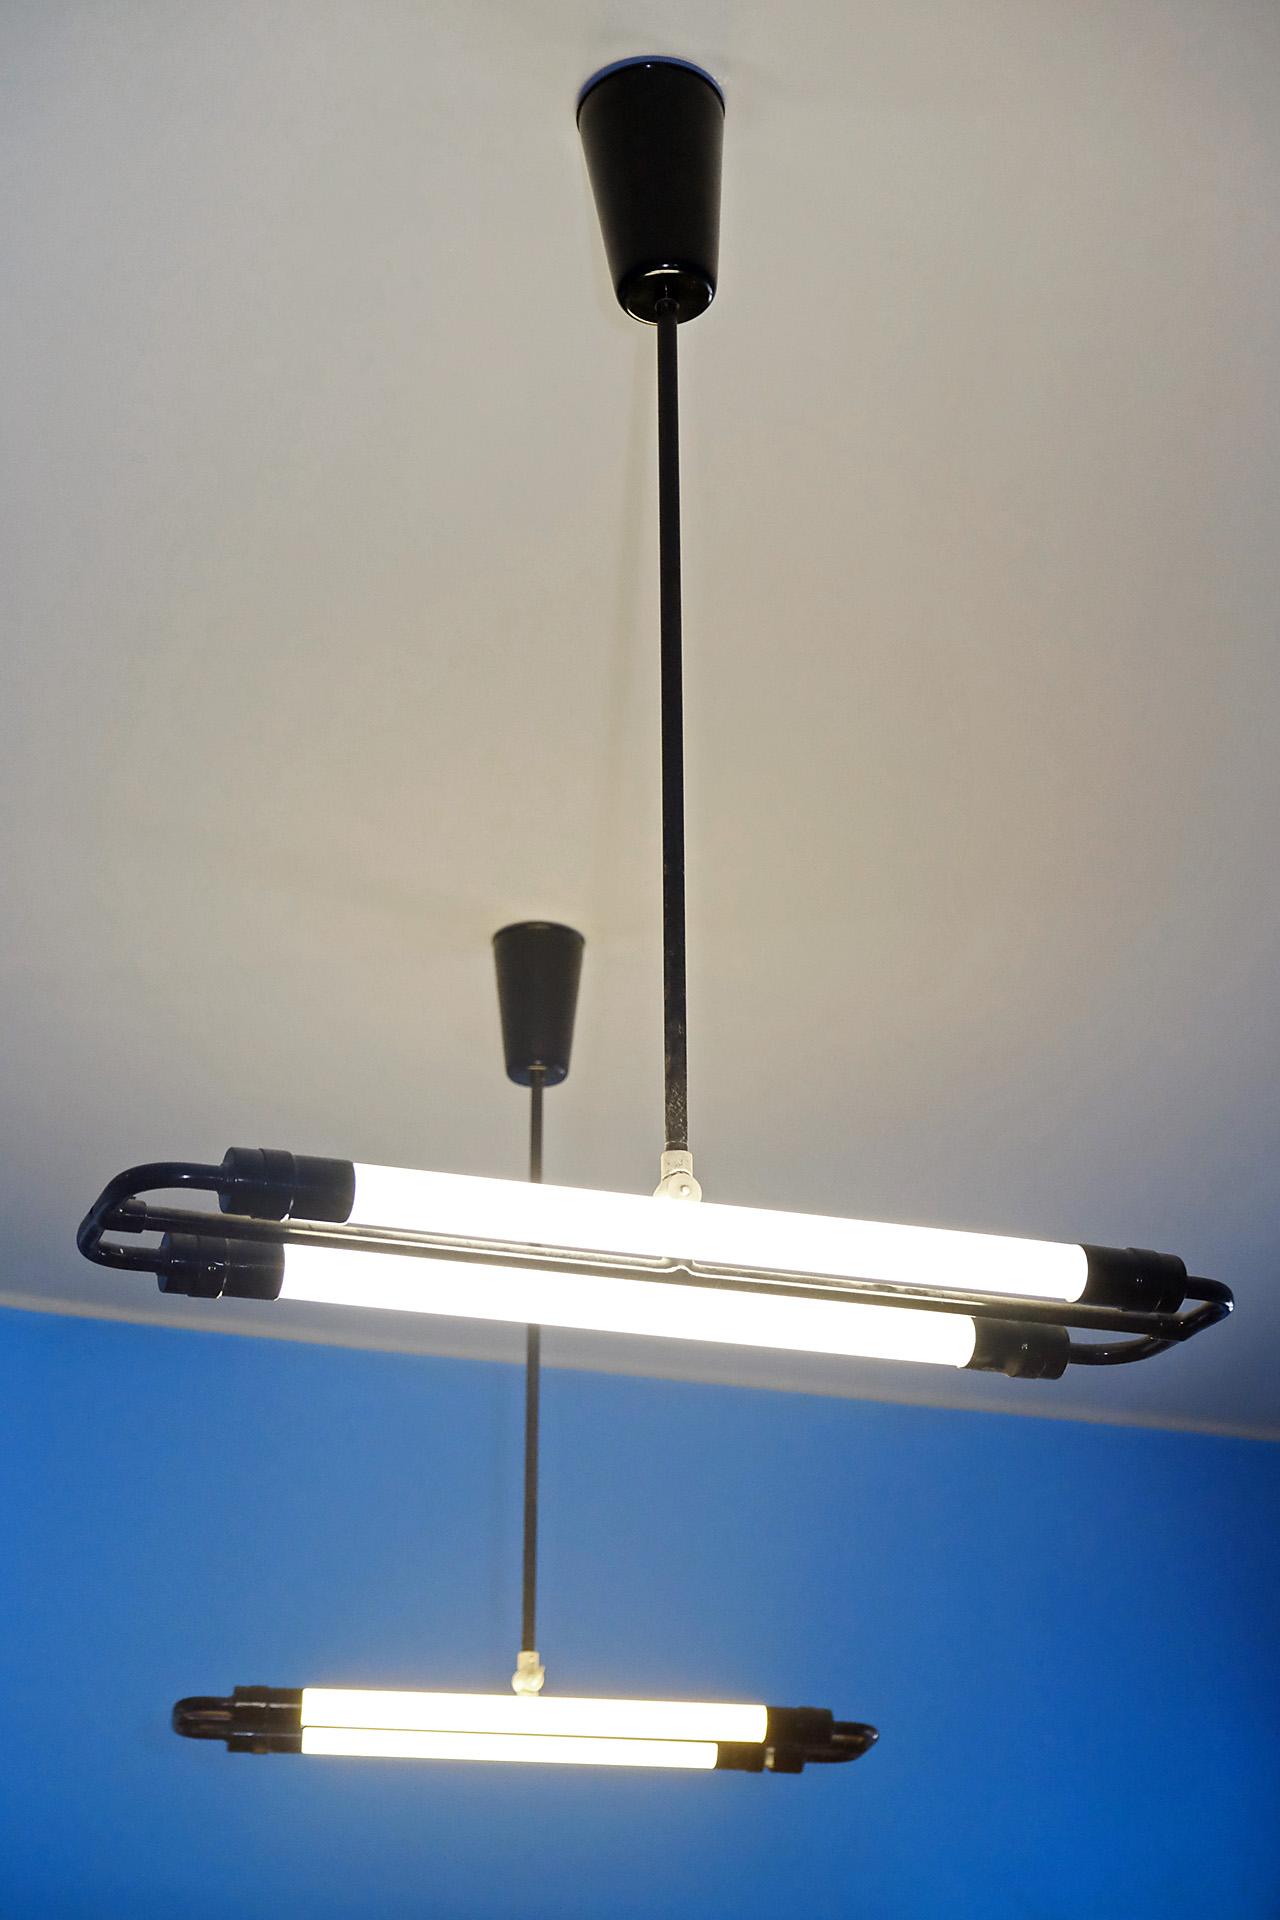 lampen simple lampen with lampen great sie suchen eine lampe oder einen wir helfen ihnen with. Black Bedroom Furniture Sets. Home Design Ideas